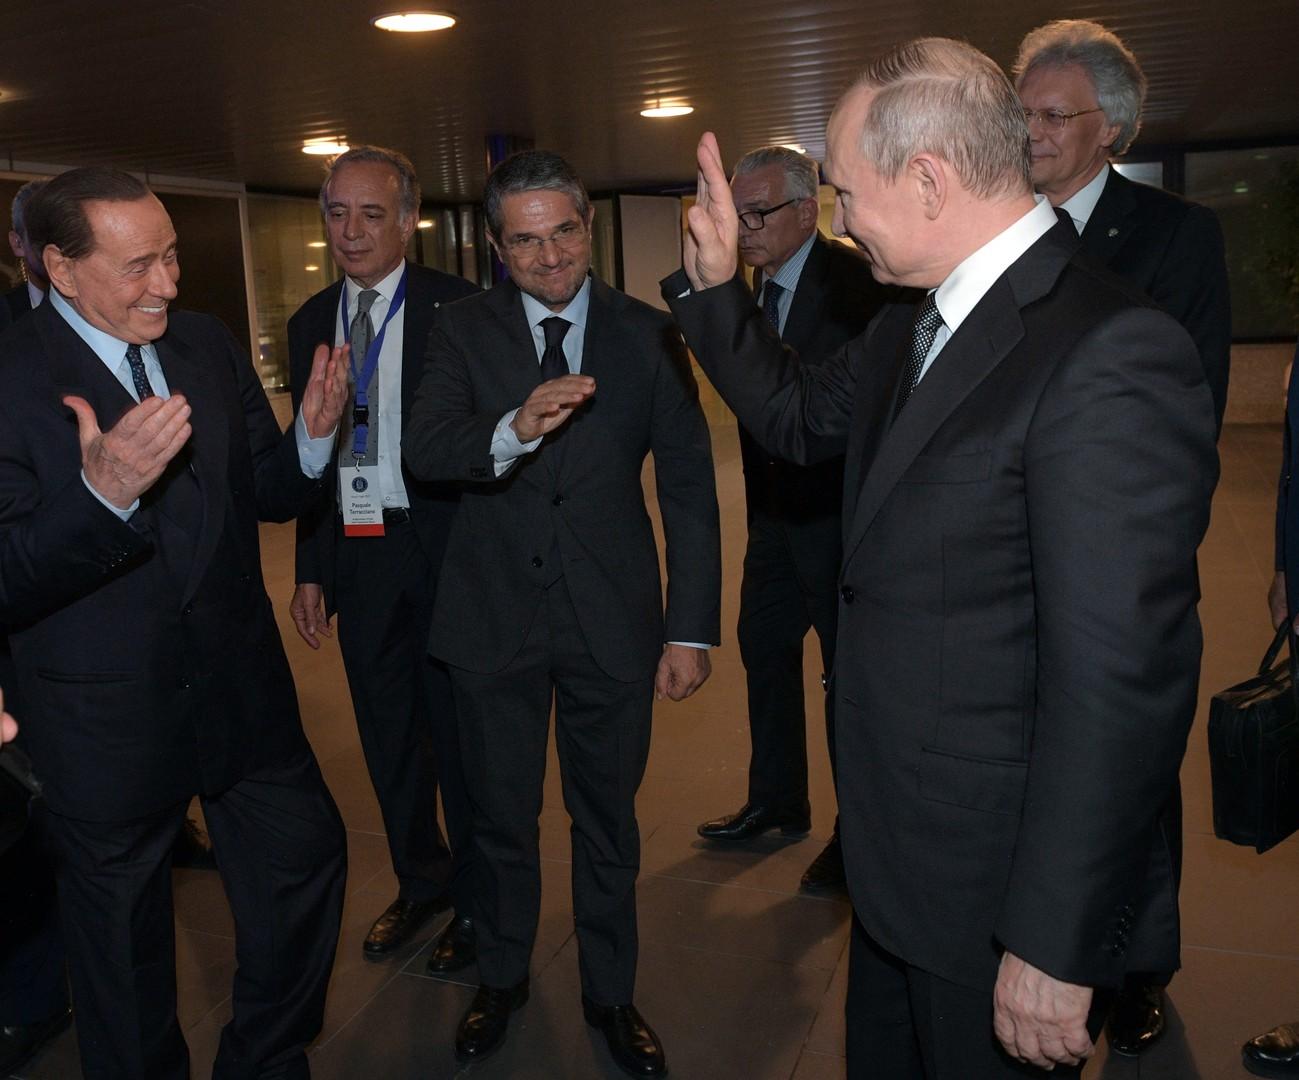 بوتين وبرلسكوني صداقة فوق البروتوكول